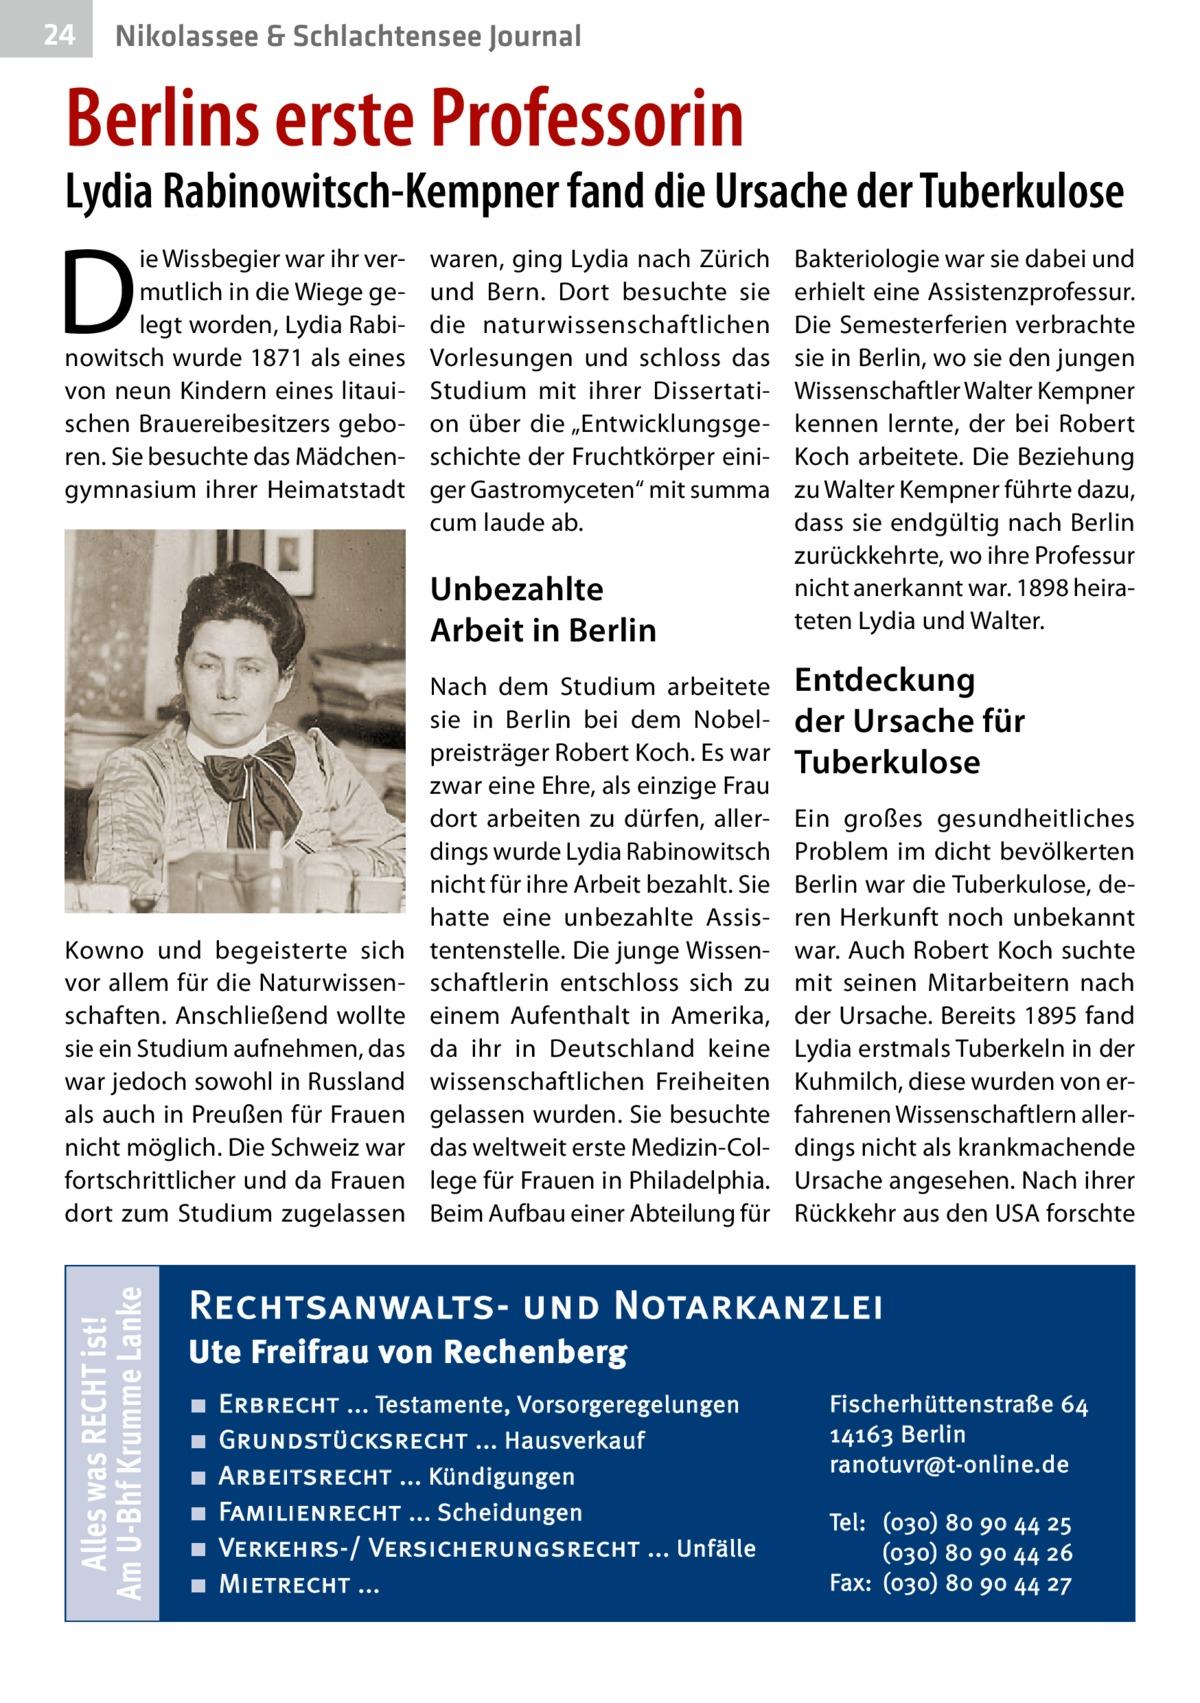 """24  Nikolassee & Schlachtensee Journal  Berlins erste Professorin  Lydia Rabinowitsch-Kempner fand die Ursache der Tuberkulose  D  ie Wissbegier war ihr vermutlich in die Wiege gelegt worden, Lydia Rabinowitsch wurde 1871 als eines von neun Kindern eines litauischen Brauereibesitzers geboren. Sie besuchte das Mädchengymnasium ihrer Heimatstadt  waren, ging Lydia nach Zürich und Bern. Dort besuchte sie die naturwissenschaftlichen Vorlesungen und schloss das Studium mit ihrer Dissertation über die """"Entwicklungsgeschichte der Fruchtkörper einiger Gastromyceten"""" mit summa cum laude ab.  Unbezahlte Arbeit in Berlin  Alles was RECHT ist! Am U-Bhf Krumme Lanke  Kowno und begeisterte sich vor allem für die Naturwissenschaften. Anschließend wollte sie ein Studium aufnehmen, das war jedoch sowohl in Russland als auch in Preußen für Frauen nicht möglich. Die Schweiz war fortschrittlicher und da Frauen dort zum Studium zugelassen  Nach dem Studium arbeitete sie in Berlin bei dem Nobelpreisträger Robert Koch. Es war zwar eine Ehre, als einzige Frau dort arbeiten zu dürfen, allerdings wurde Lydia Rabinowitsch nicht für ihre Arbeit bezahlt. Sie hatte eine unbezahlte Assistentenstelle. Die junge Wissenschaftlerin entschloss sich zu einem Aufenthalt in Amerika, da ihr in Deutschland keine wissenschaftlichen Freiheiten gelassen wurden. Sie besuchte das weltweit erste Medizin-College für Frauen in Philadelphia. Beim Aufbau einer Abteilung für  Bakteriologie war sie dabei und erhielt eine Assistenzprofessur. Die Semesterferien verbrachte sie in Berlin, wo sie den jungen Wissenschaftler Walter Kempner kennen lernte, der bei Robert Koch arbeitete. Die Beziehung zu Walter Kempner führte dazu, dass sie endgültig nach Berlin zurückkehrte, wo ihre Professur nicht anerkannt war. 1898 heirateten Lydia und Walter.  Entdeckung der Ursache für Tuberkulose Ein großes gesundheitliches Problem im dicht bevölkerten Berlin war die Tuberkulose, deren Herkunft noch unbekannt war. Auch Robert Koch suchte"""